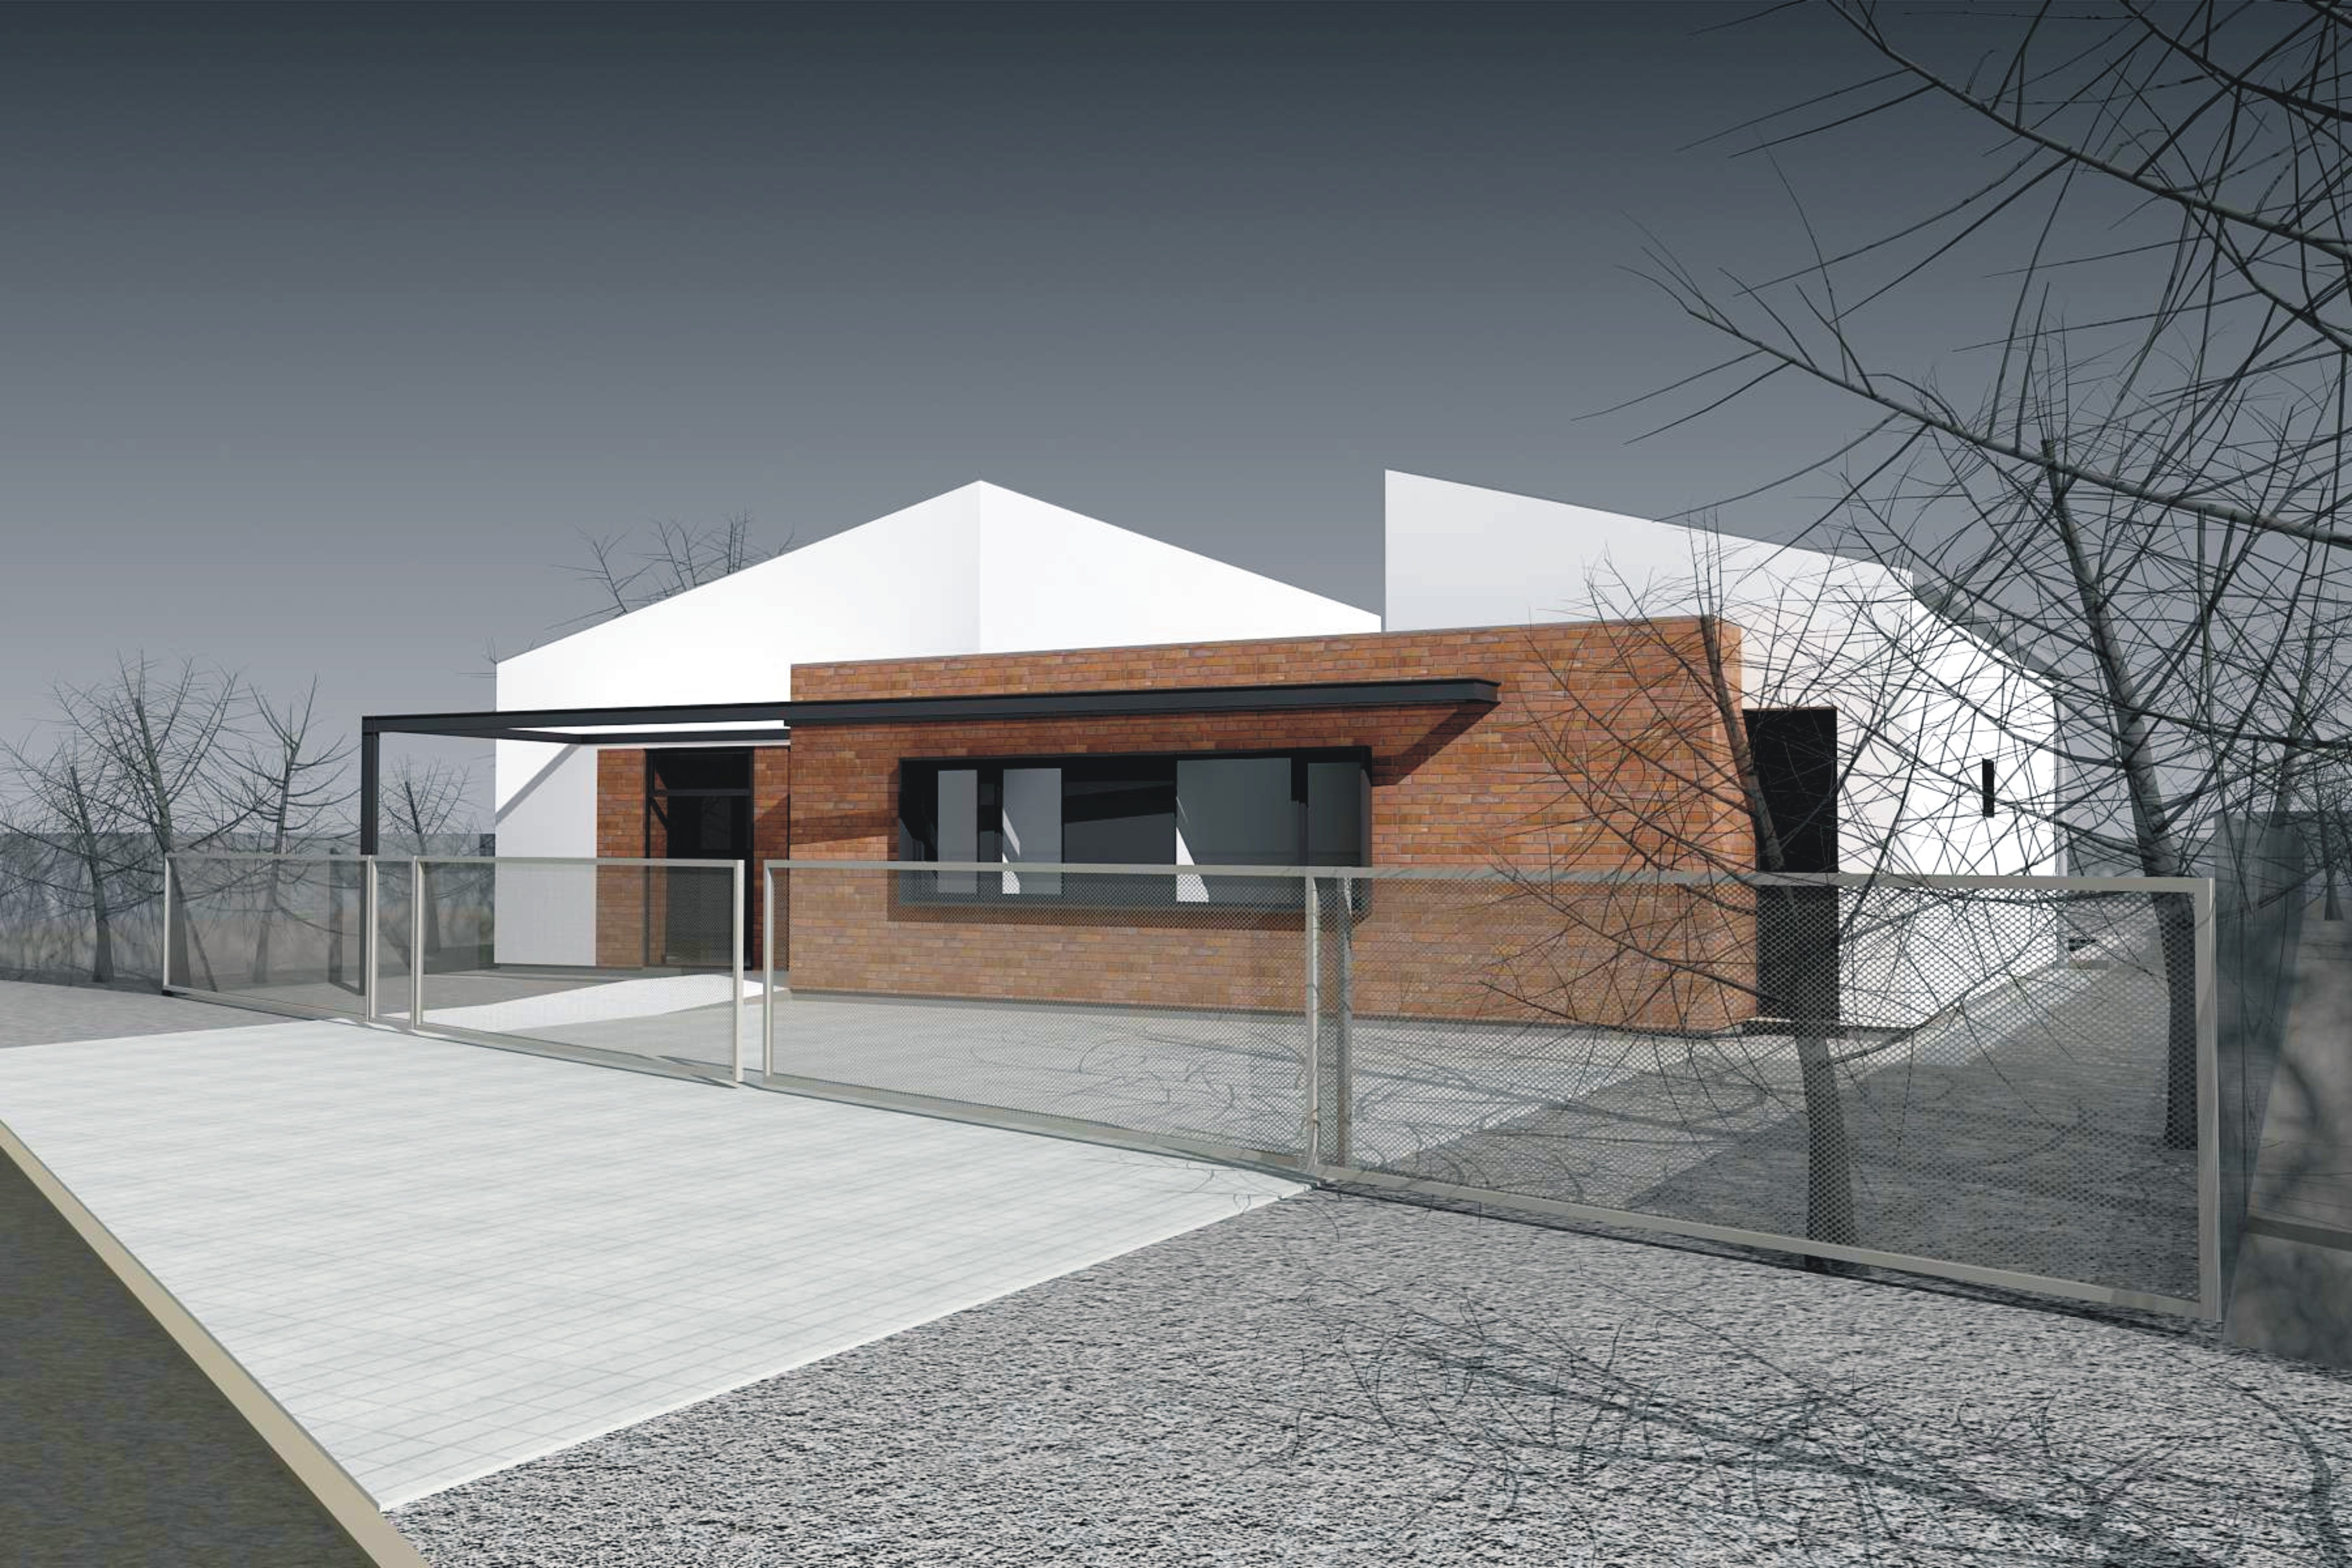 Projekt stavby rodinného domu IX 01